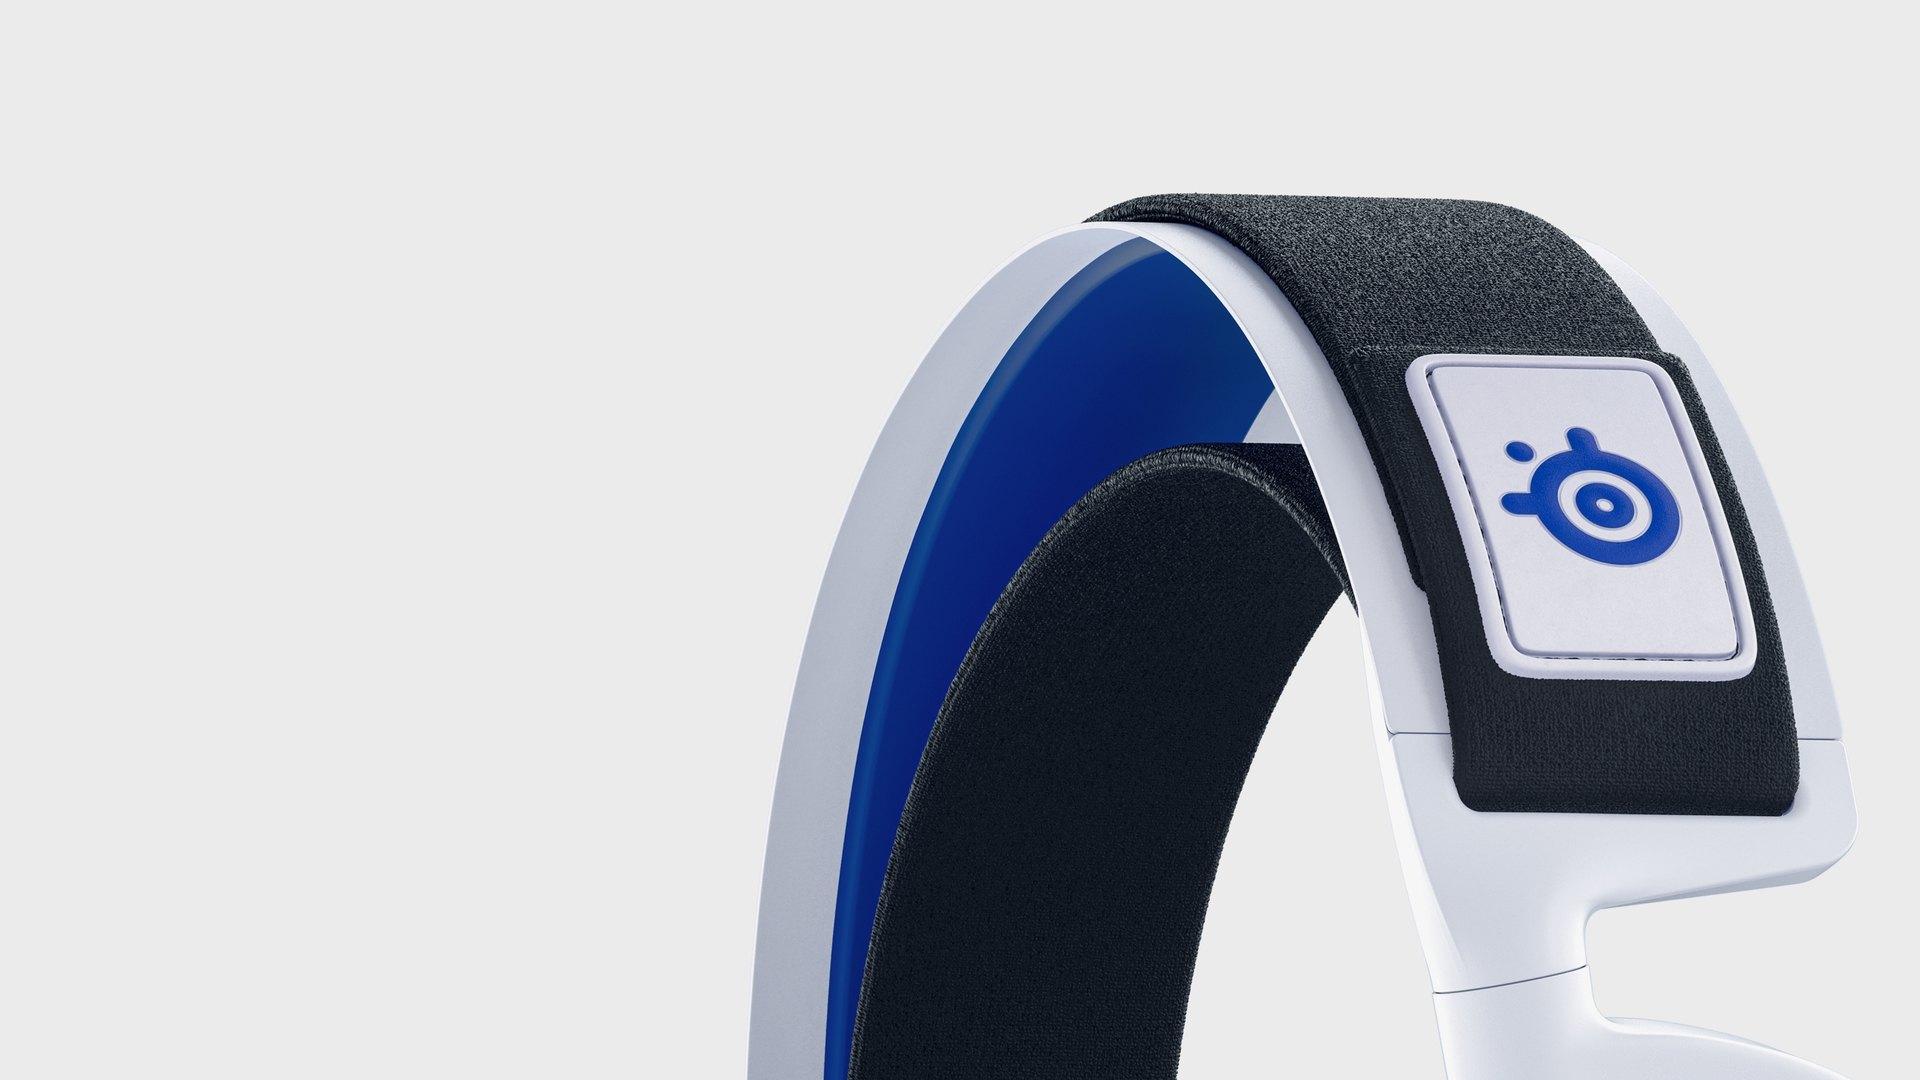 Tai nghe Steelseries Arctis 7P White WL HS-00021 - 61467 có thiết kế đệm đầu bắt mắt